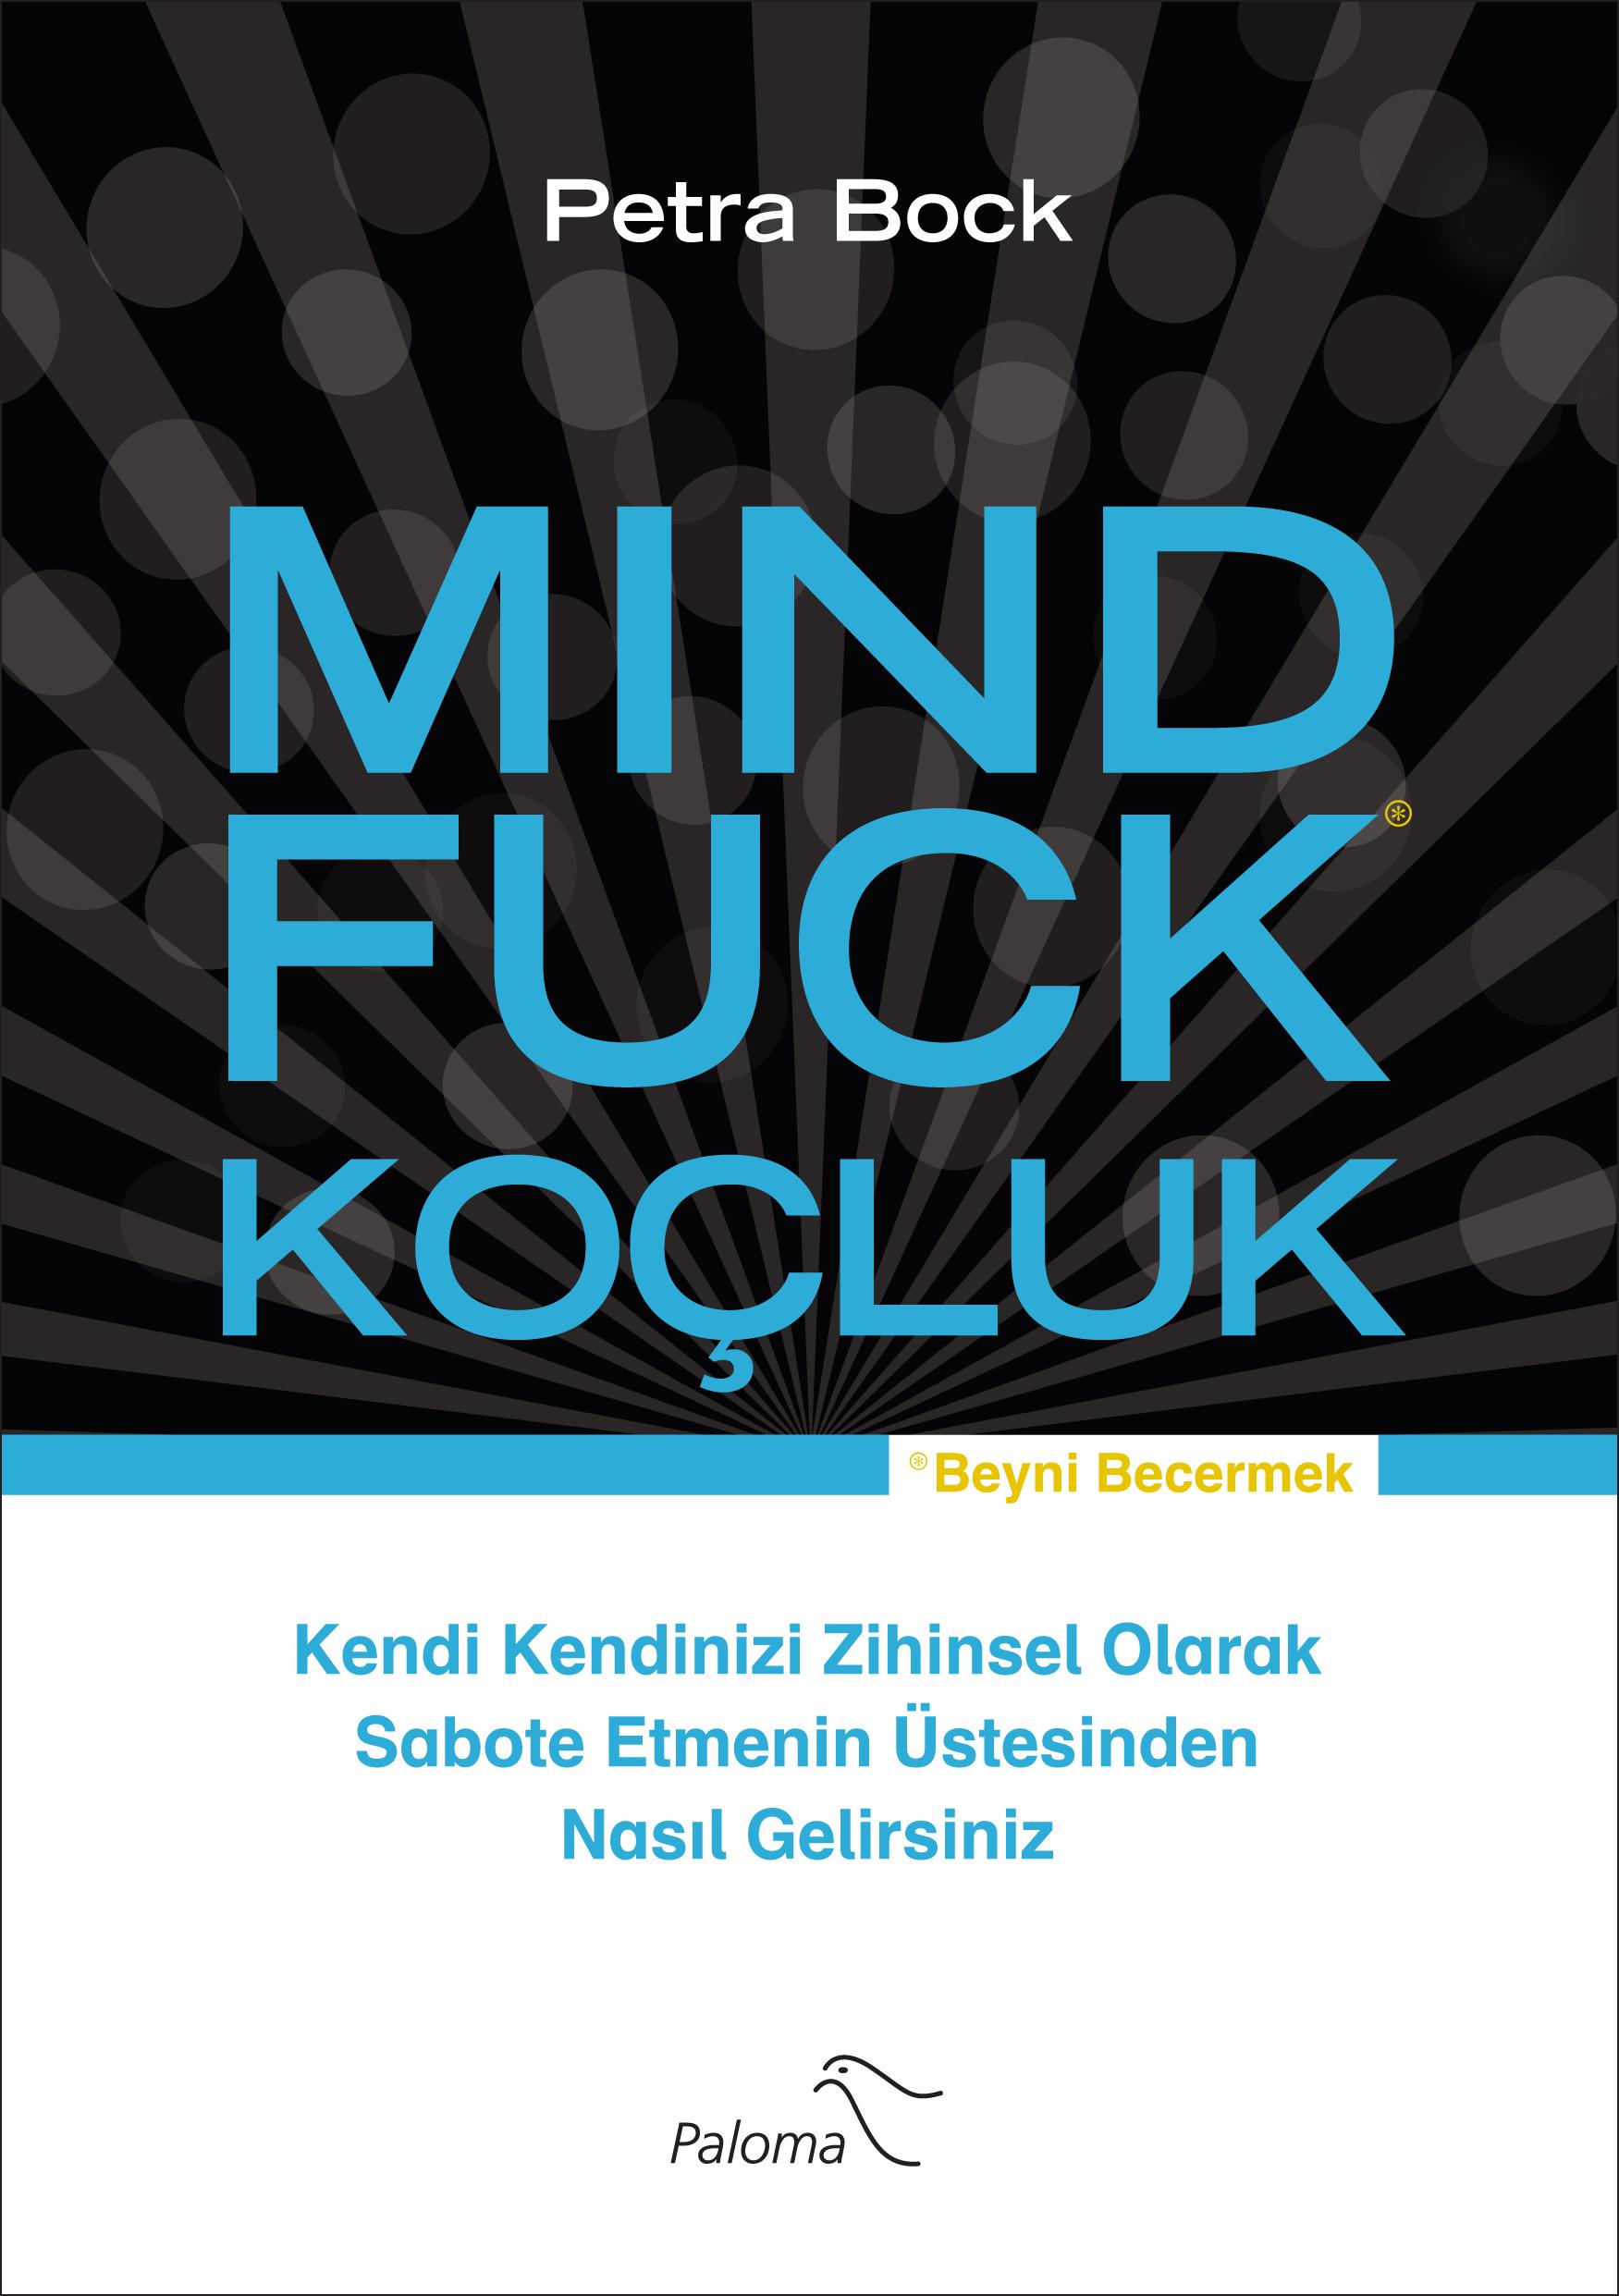 mindfuck_kocluk.jpg